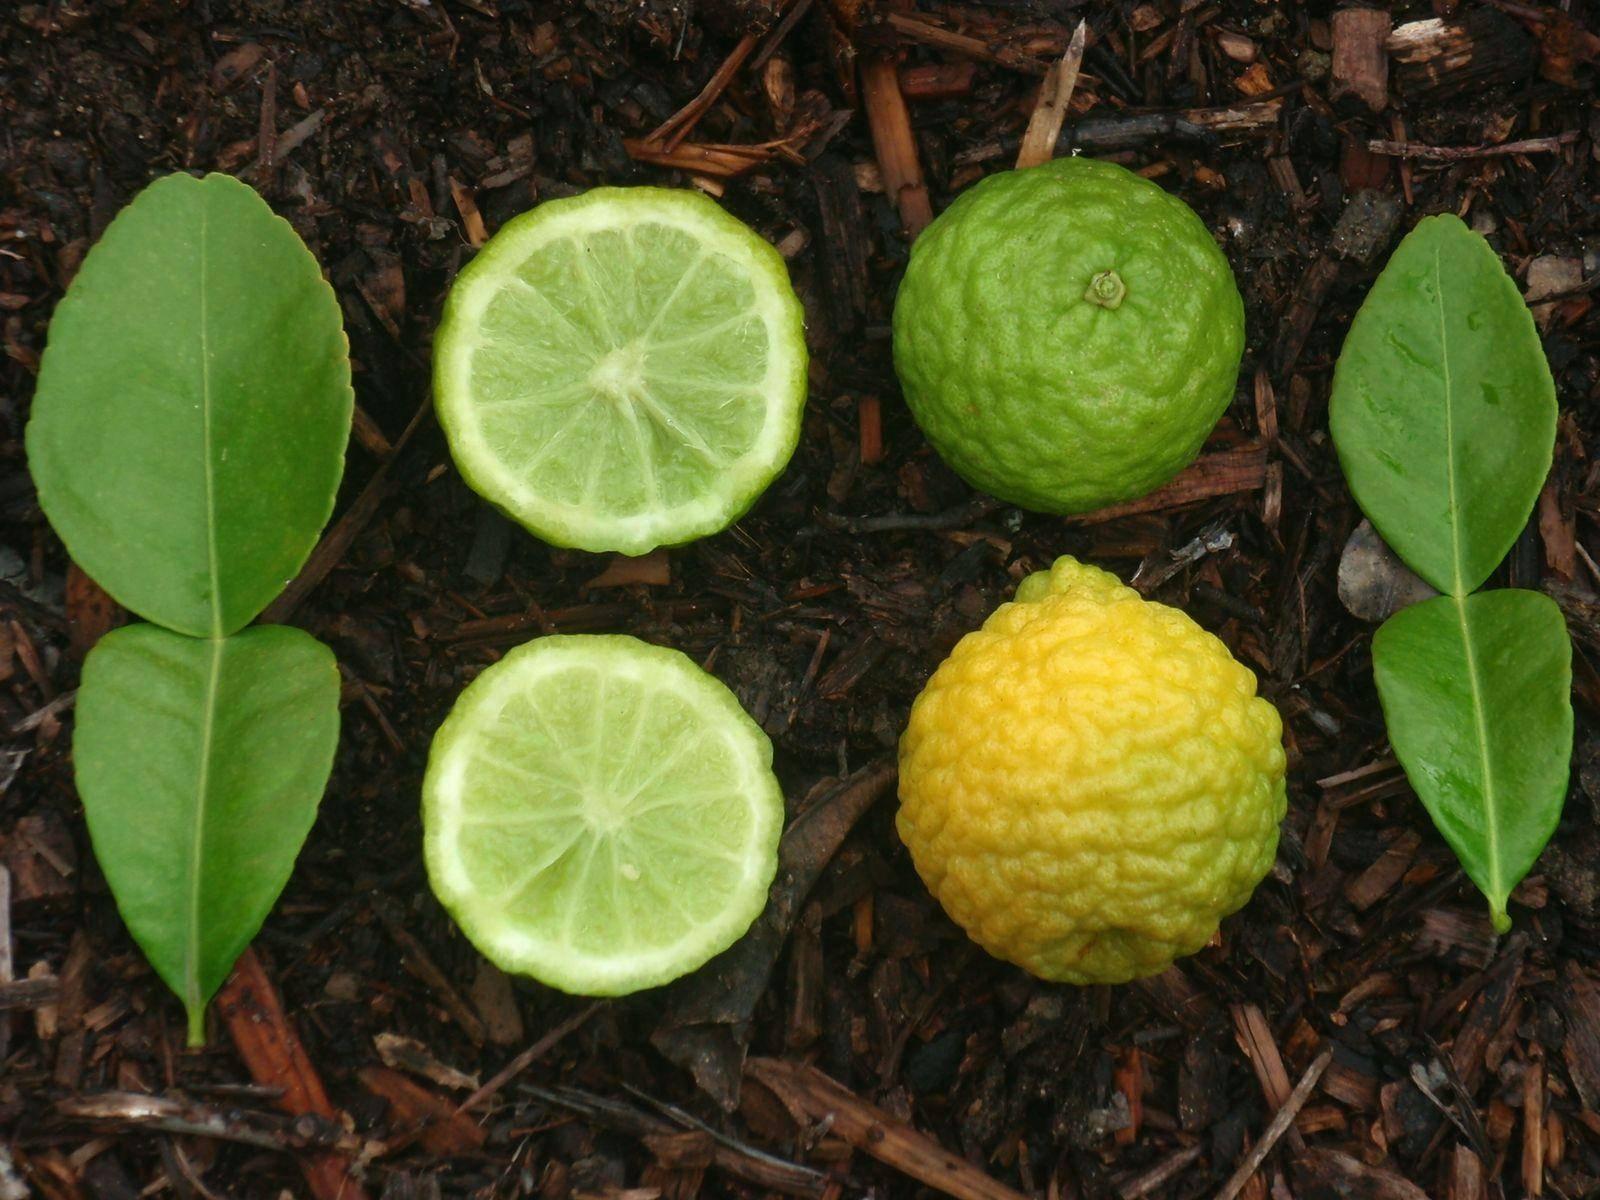 Фрукт лайм и его эфирное масло, листья: химический состав, полезные свойства и применение в медицине